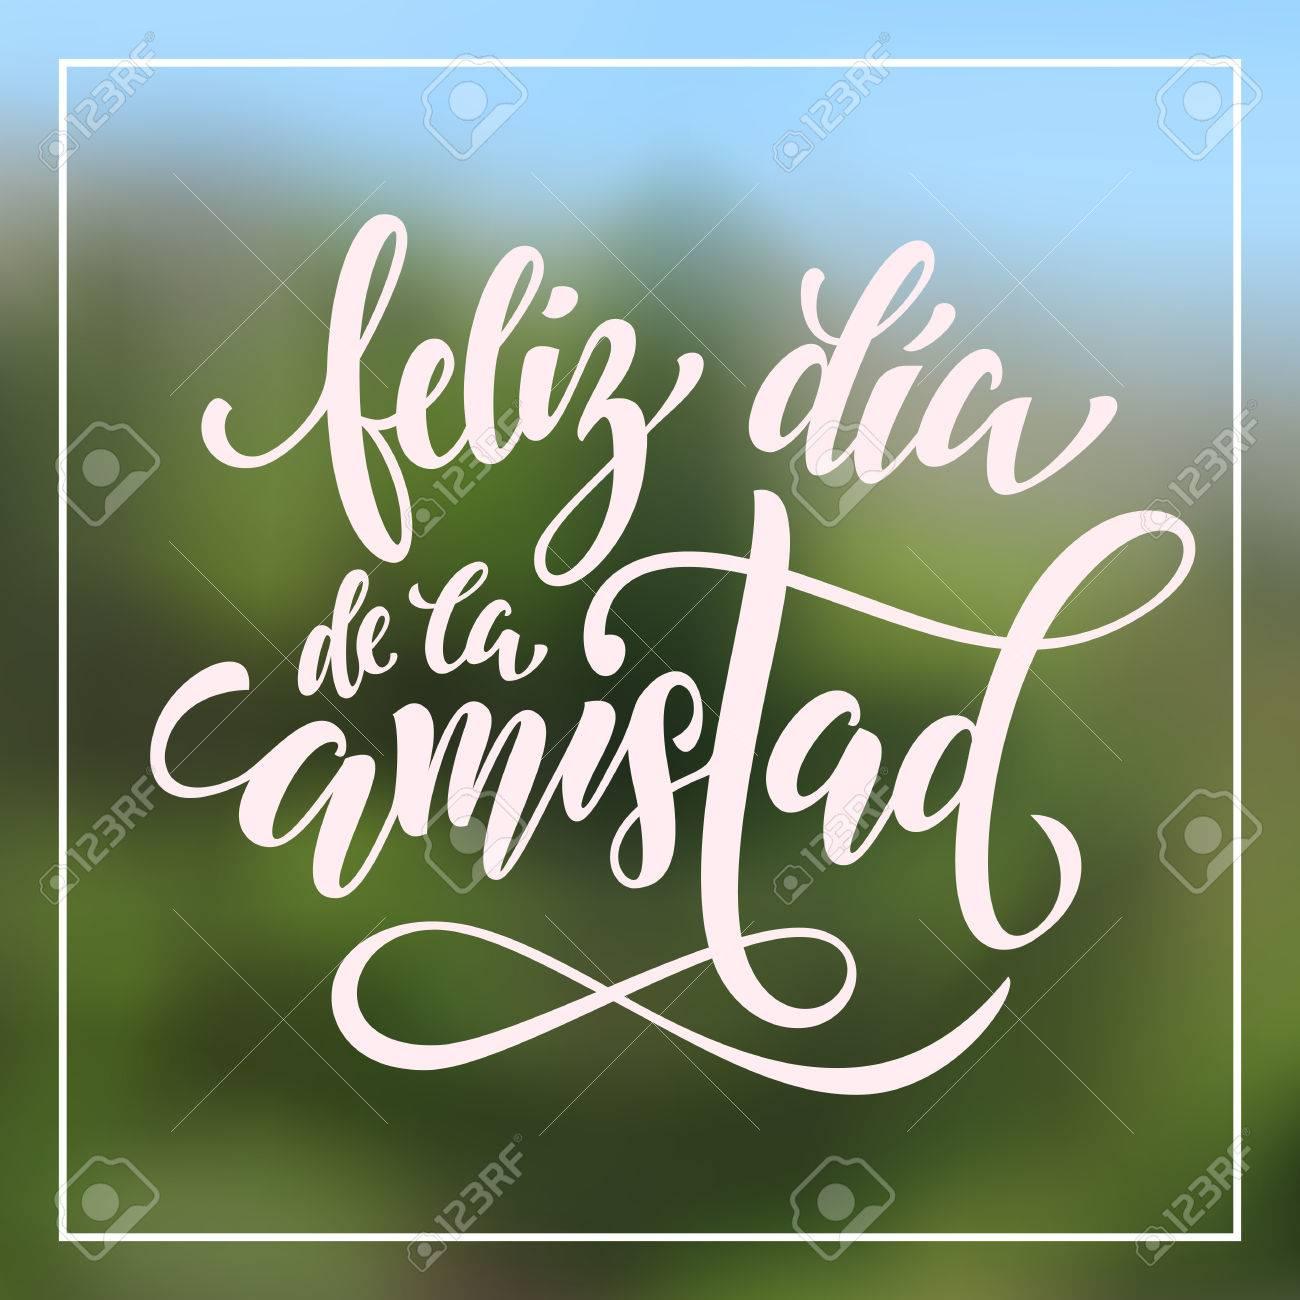 Feliz Dia Del Amistad Día De La Amistad Letras En Español Para Los